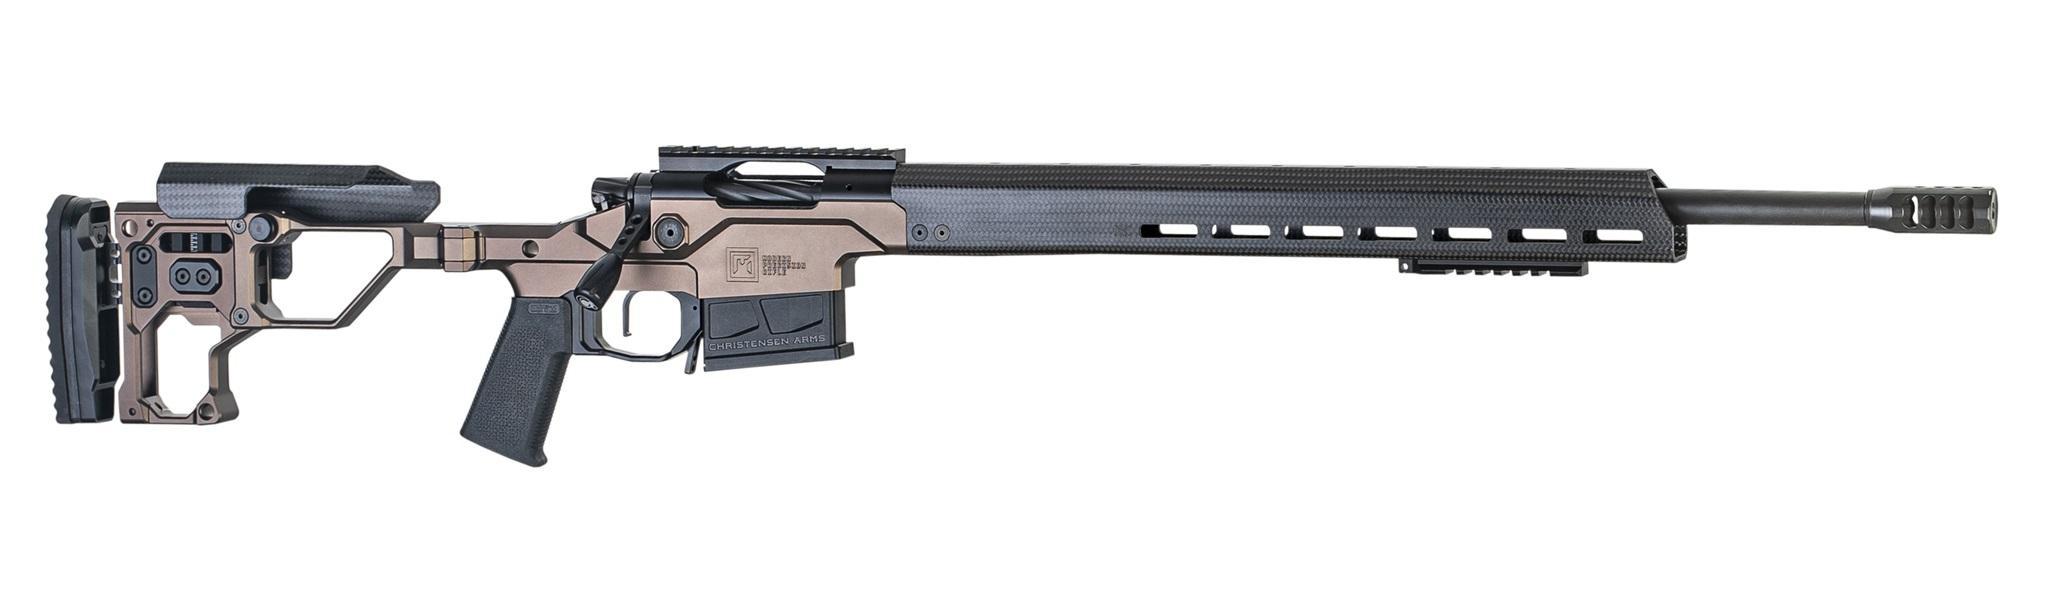 MPR STEEL 300WIN BROWN 26 - 801-03030-00